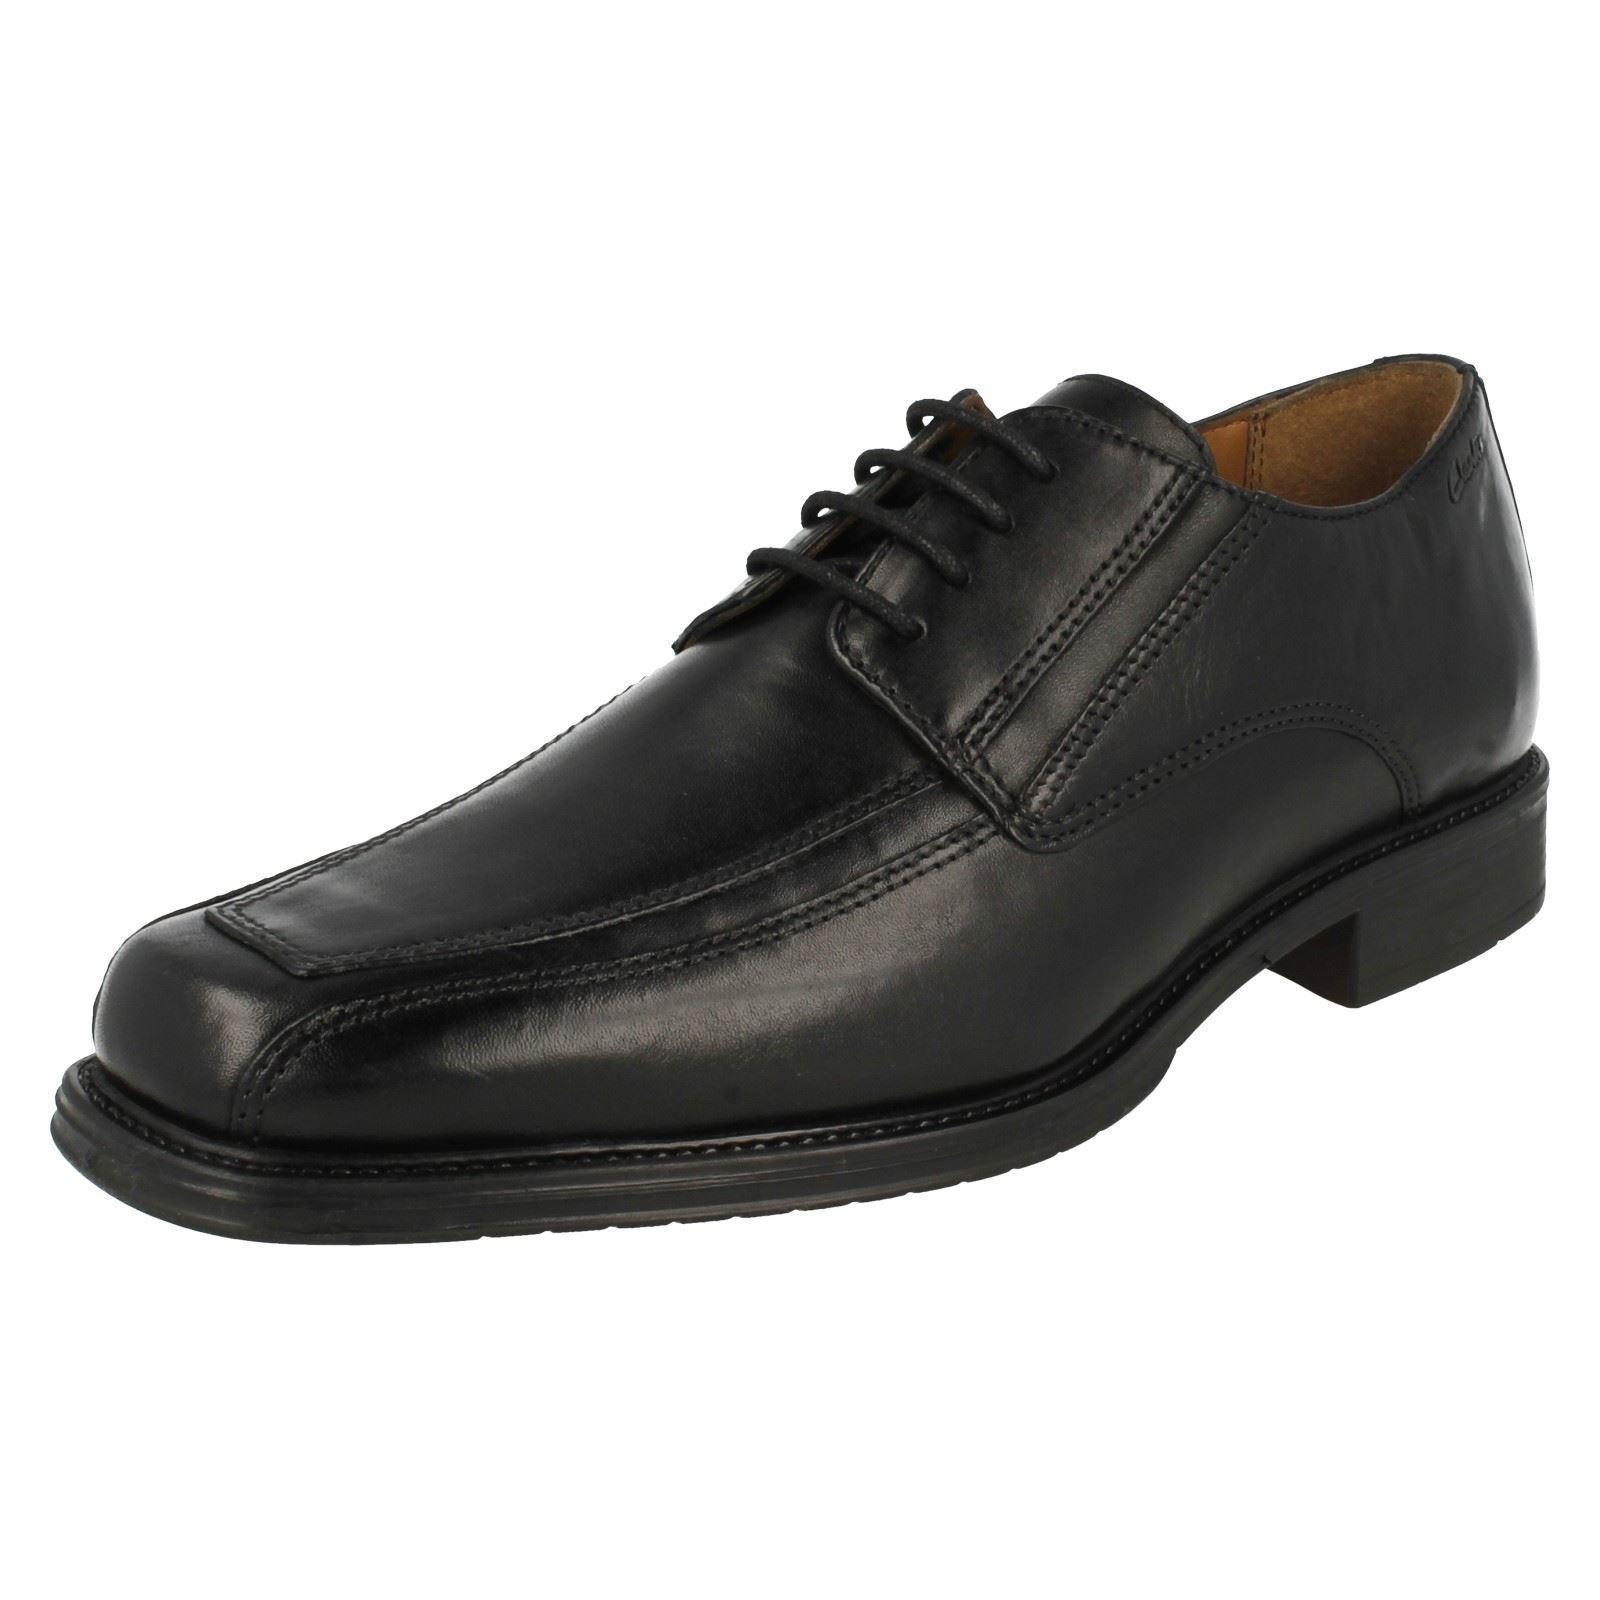 Herren Clarks Schwarze Leder-schnürschuhe Sizes 7-12 G PASSFORM Driggs Walk